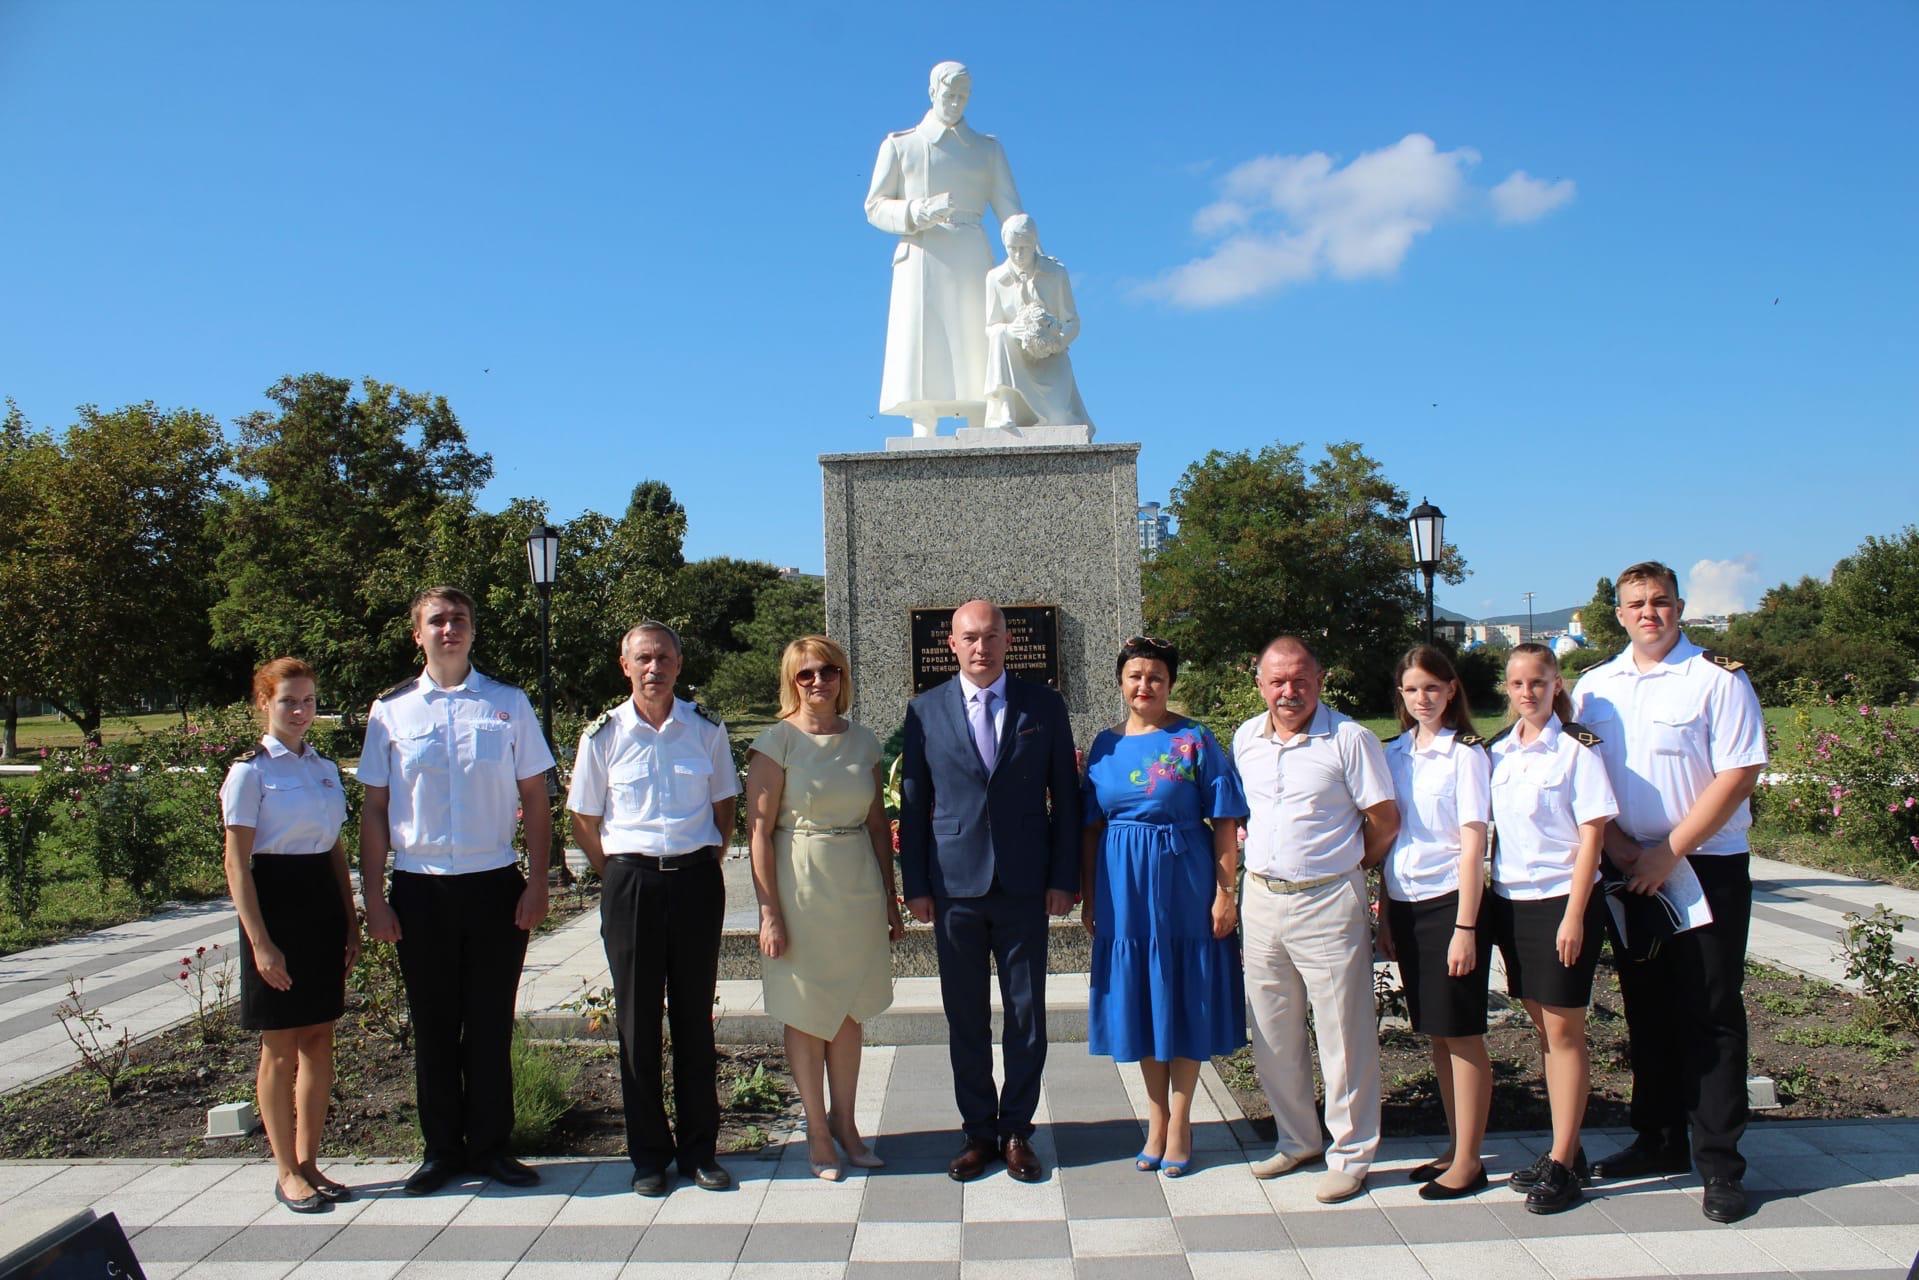 """Memorial """"Alley of Victory"""", I. Sidorov, T. Lokhova, V. Kiknadze, S. Panchenko, State Maritime University, Novorossiysk, 14.9.2021"""